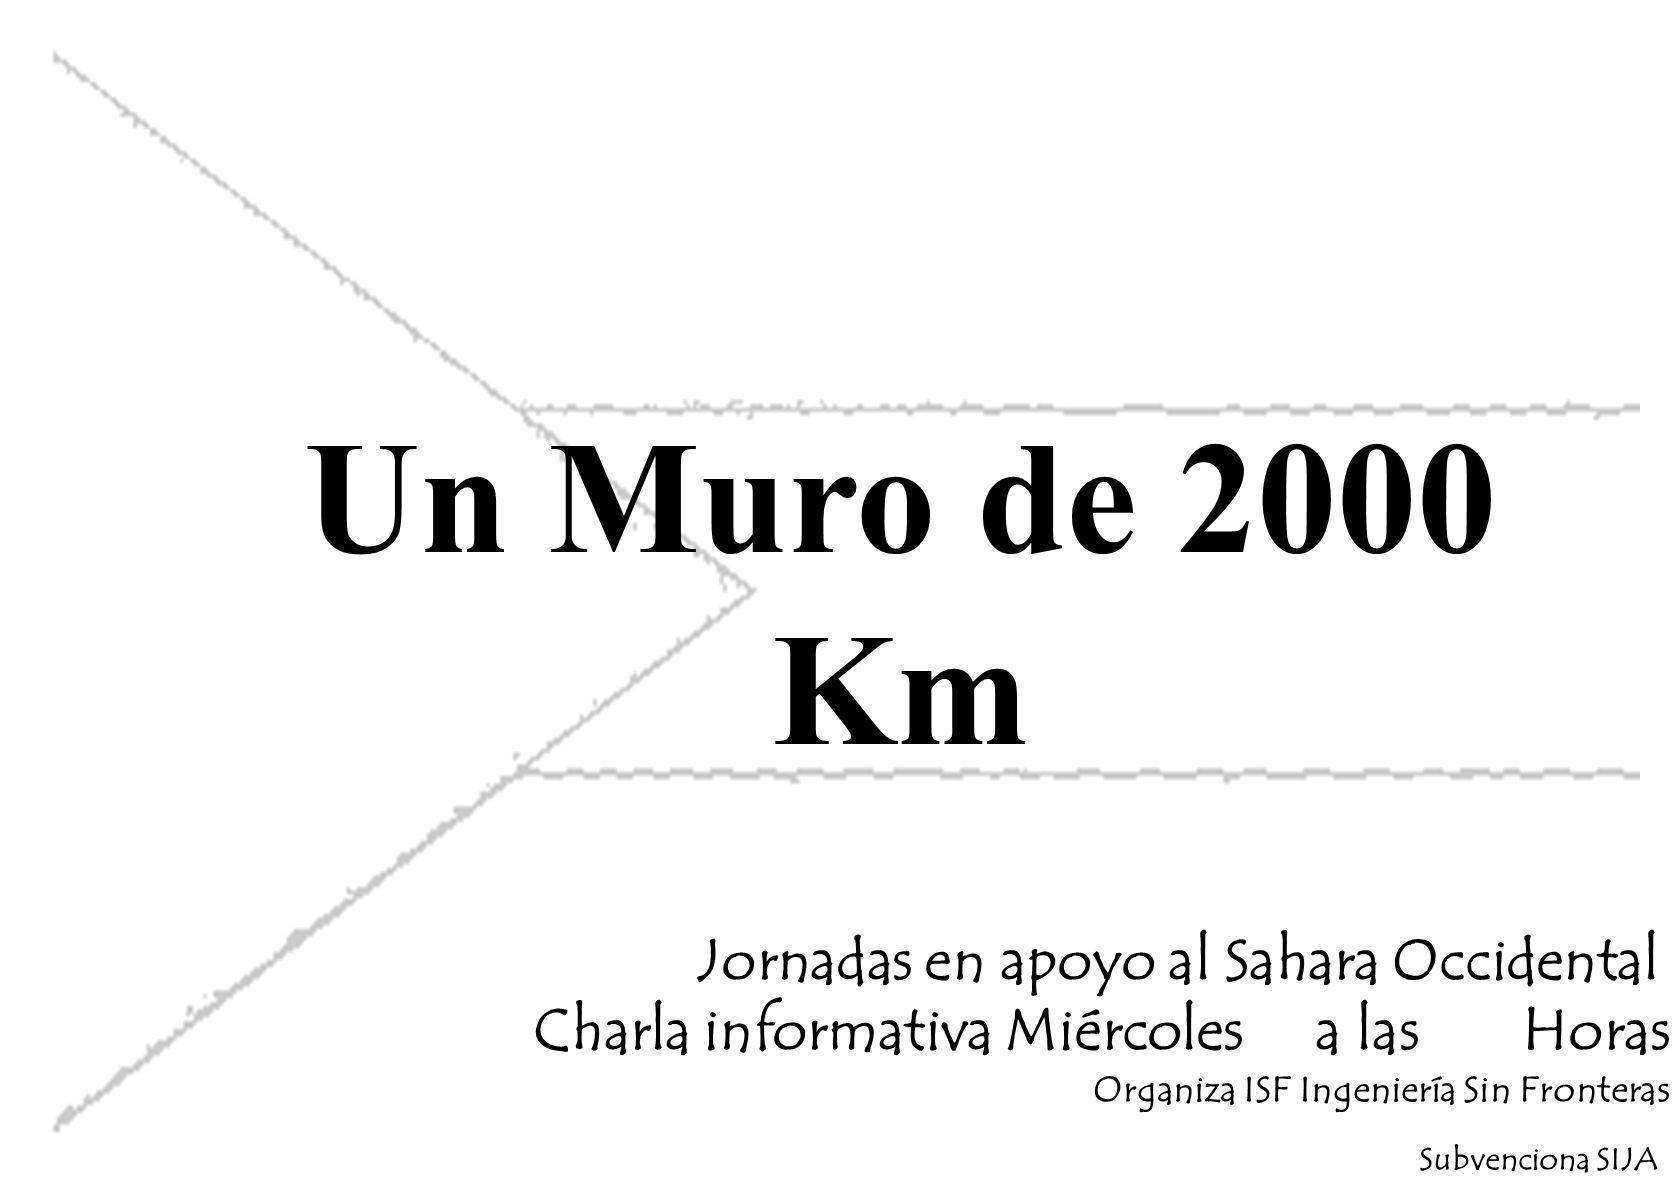 Un Muro de 2000 Km Jornadas en apoyo al Sahara Occidental Charla informativa Miércoles a las Horas Organiza ISF Ingeniería Sin Fronteras Subvenciona SIJA